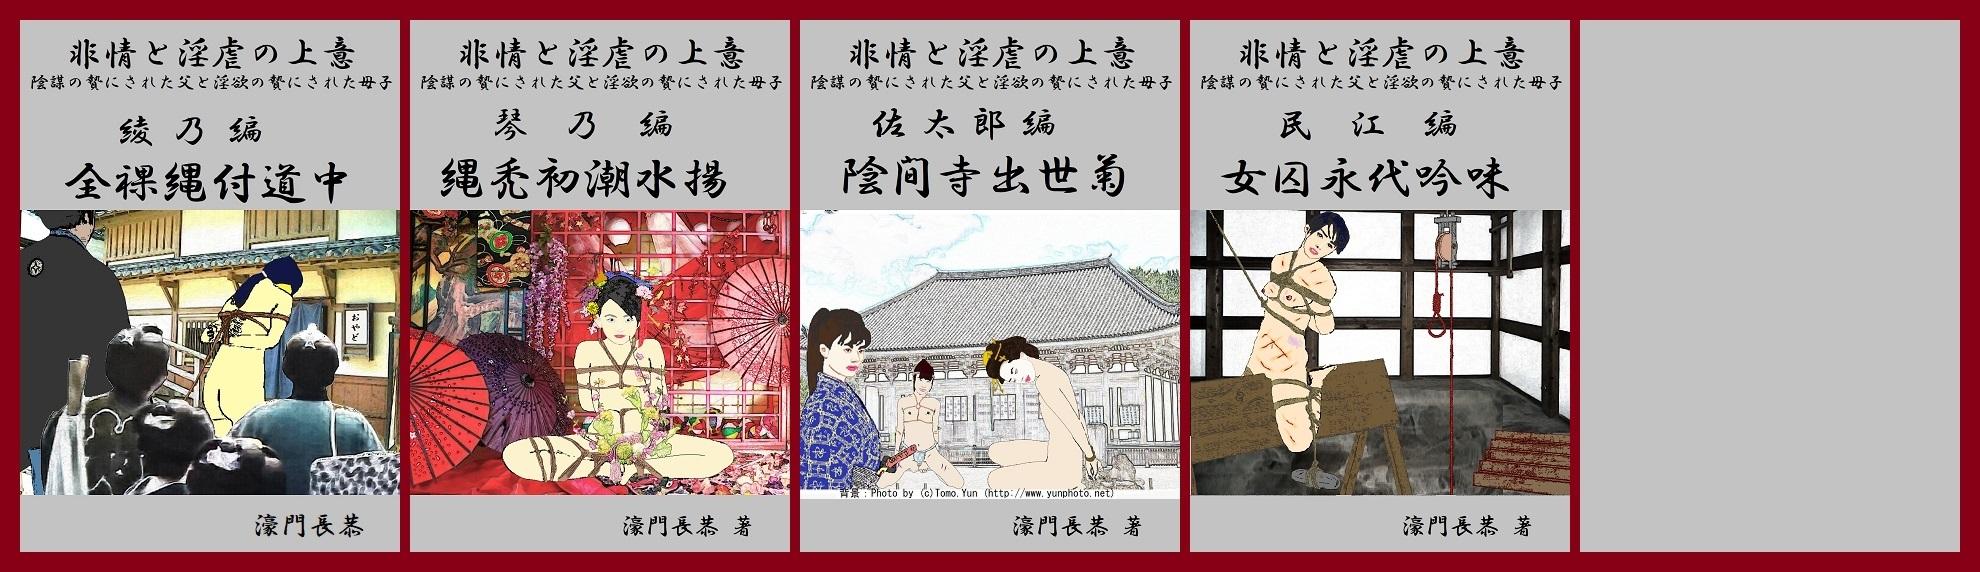 本棚51/非情と淫虐の上意finai